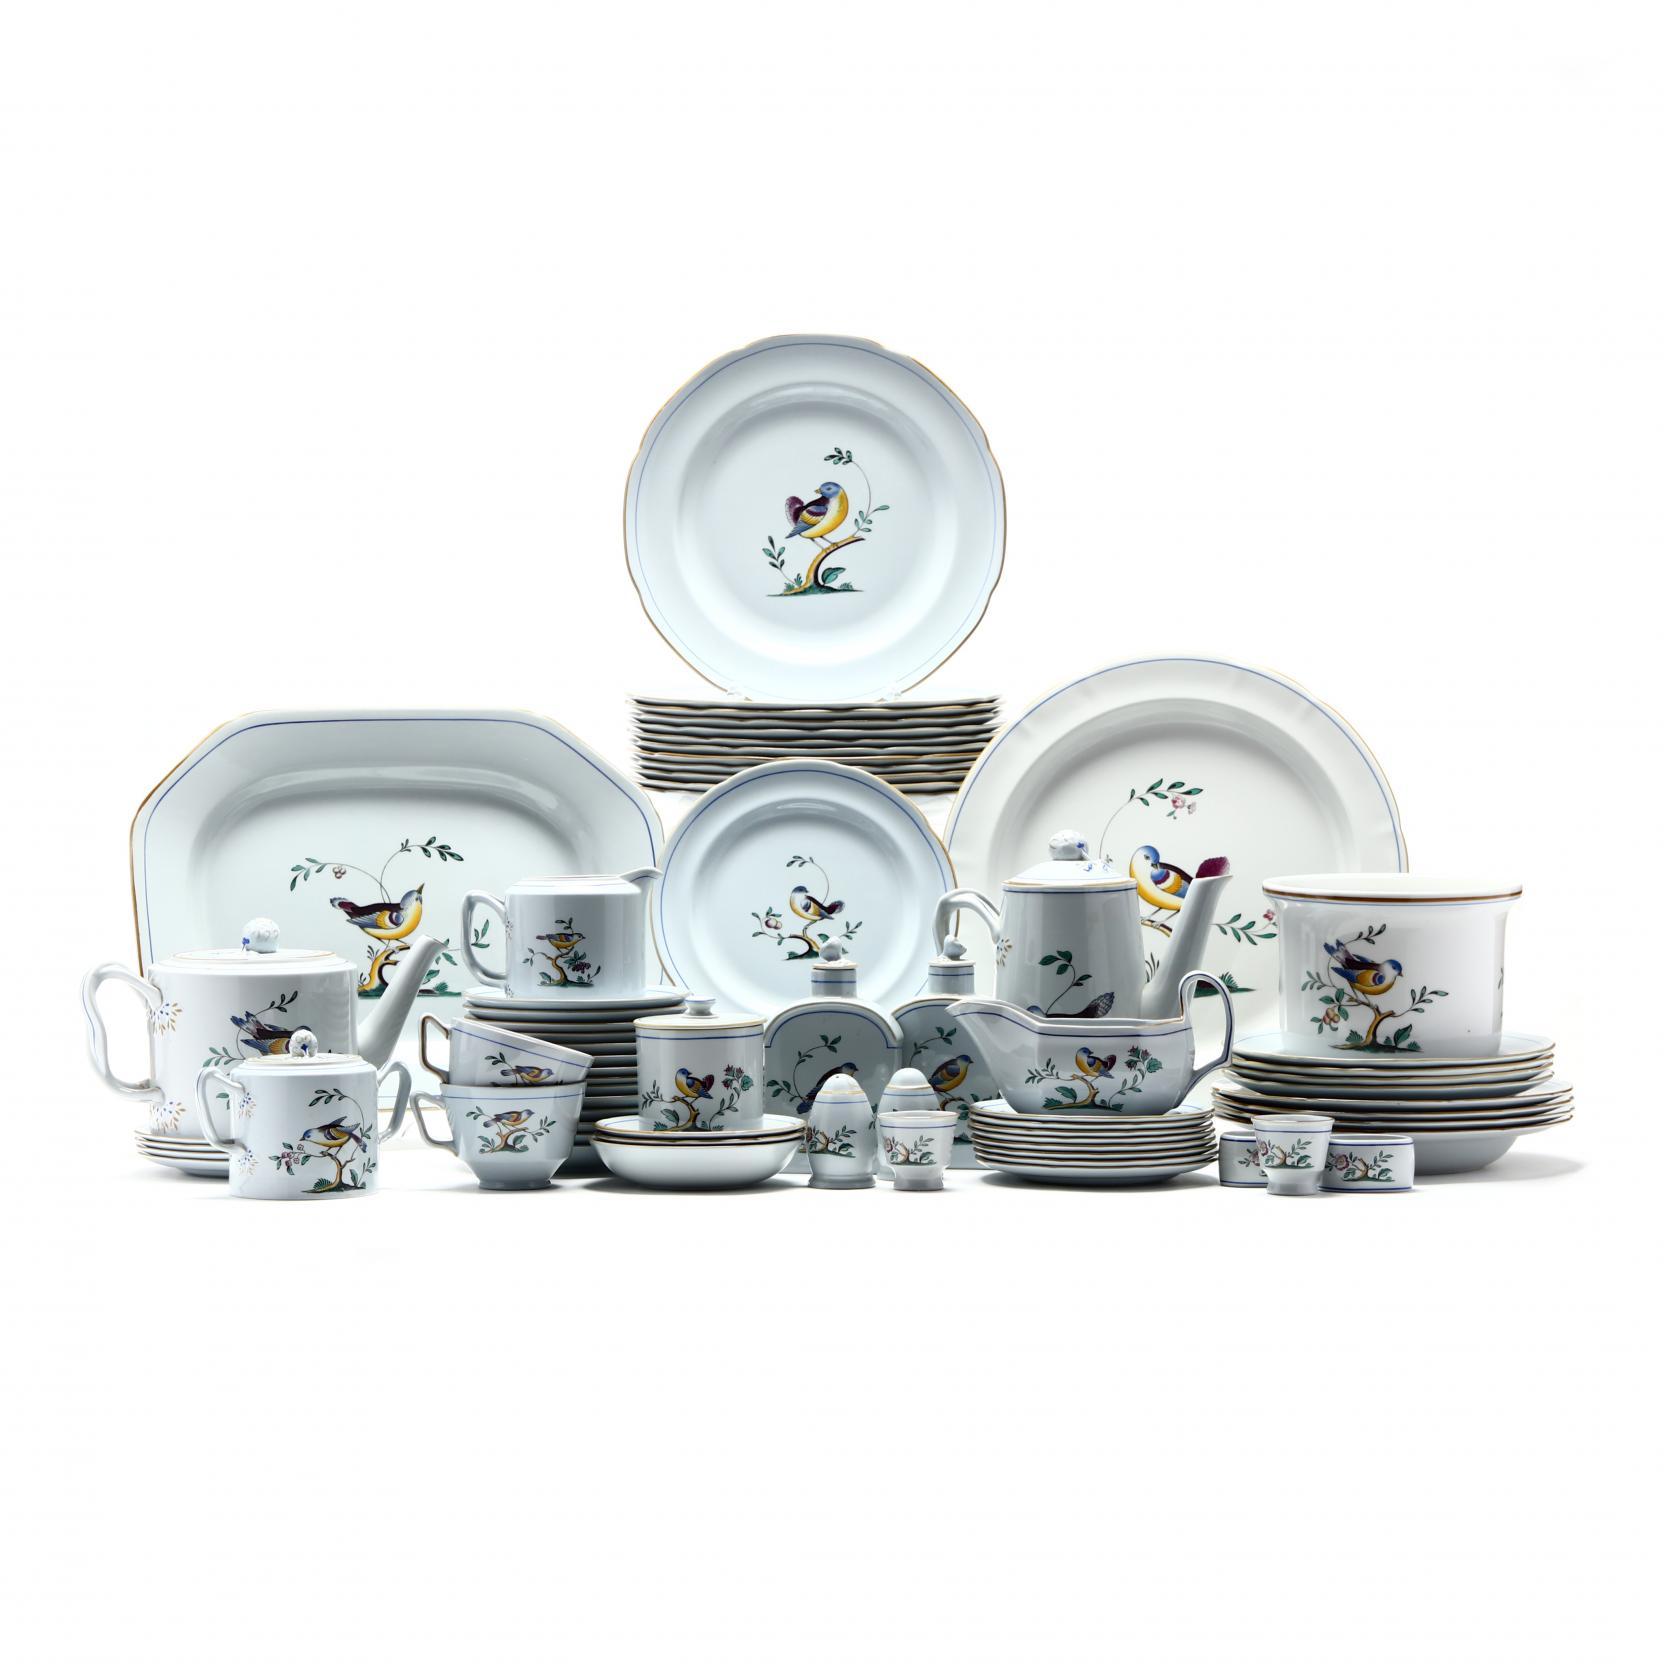 spode-queen-s-bird-china-service-for-twelve